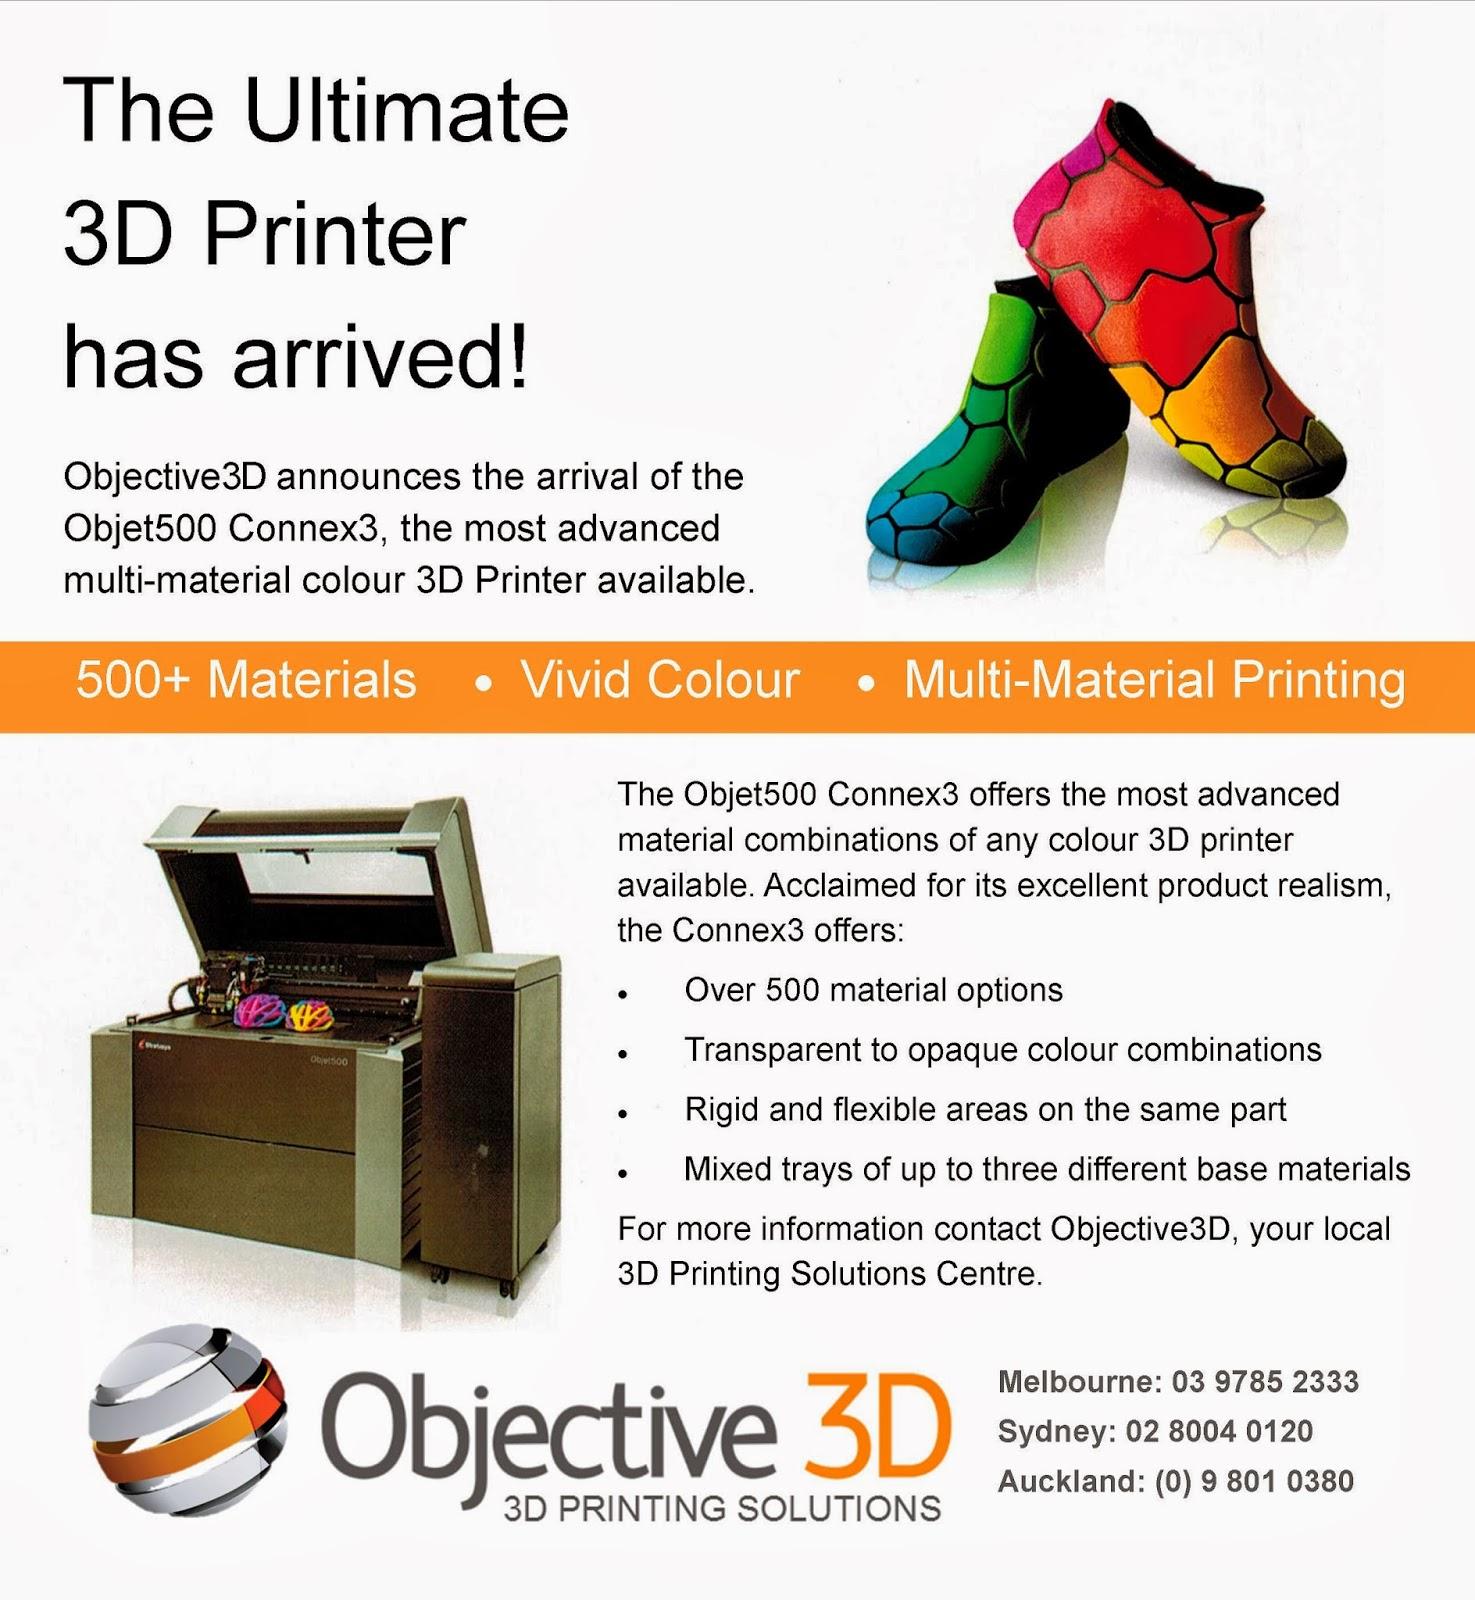 http://www.objective3d.com.au/objet500-connex3.html